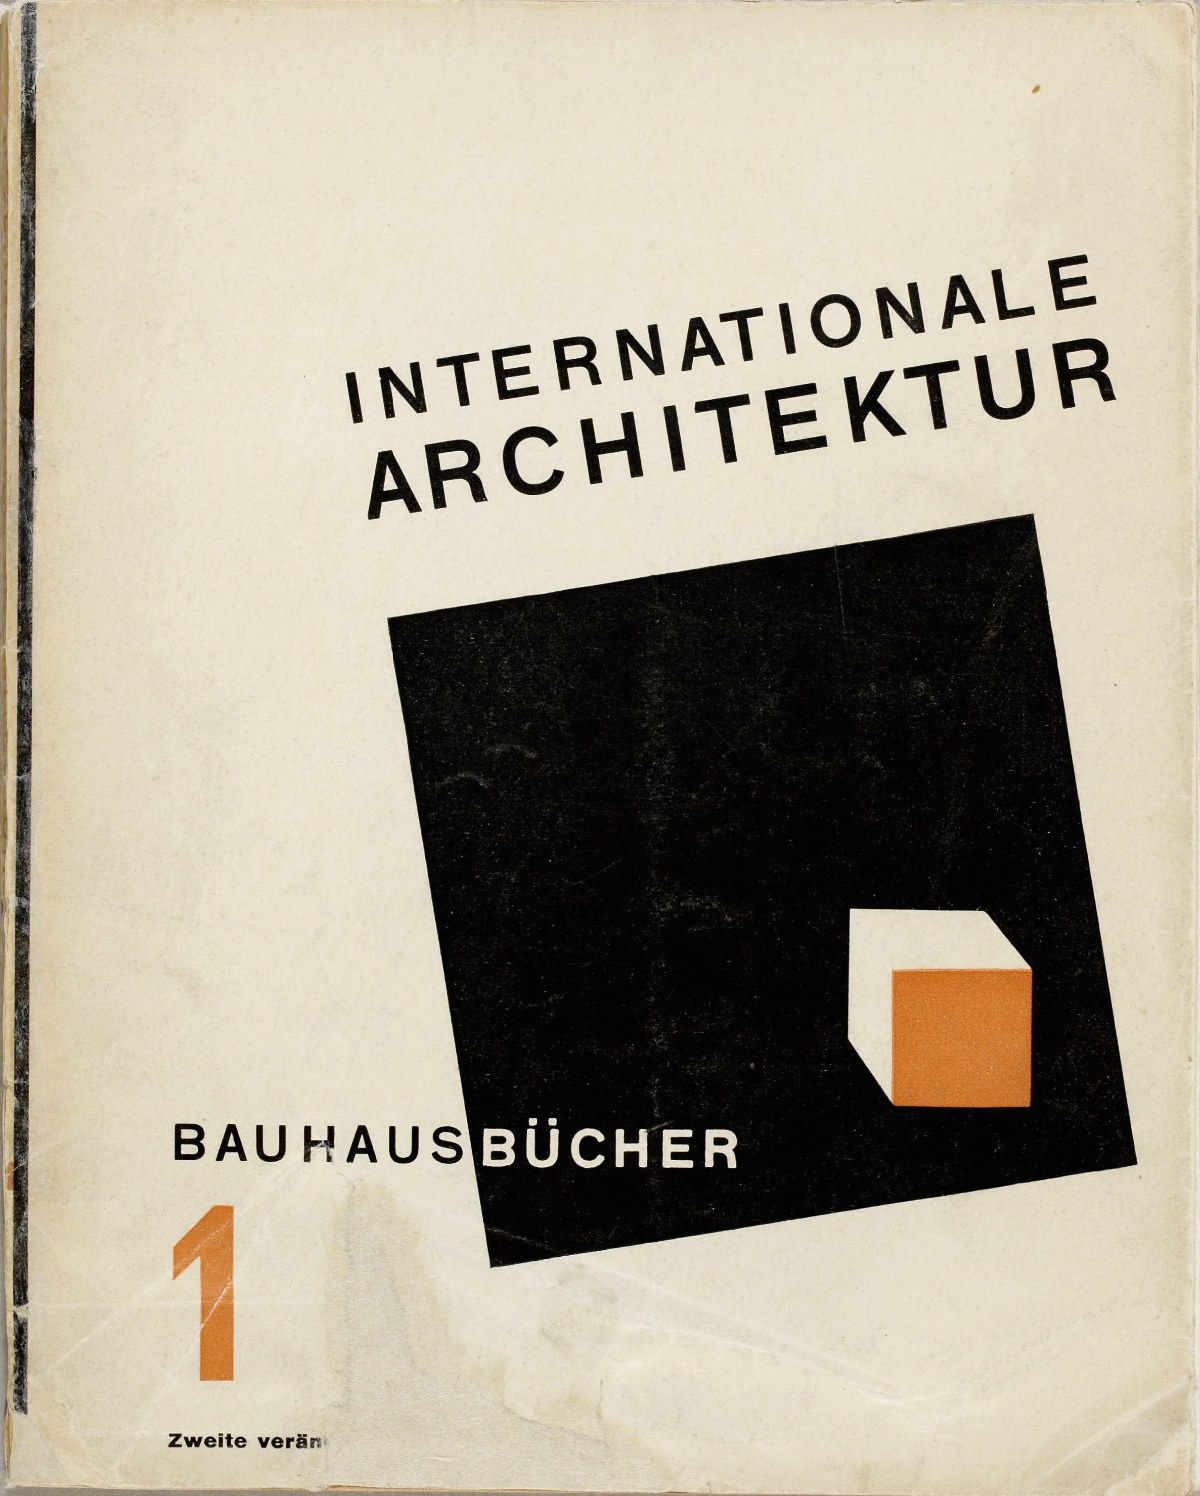 bauhausbücher-1-walter-gropius-internationale-architektur-1925